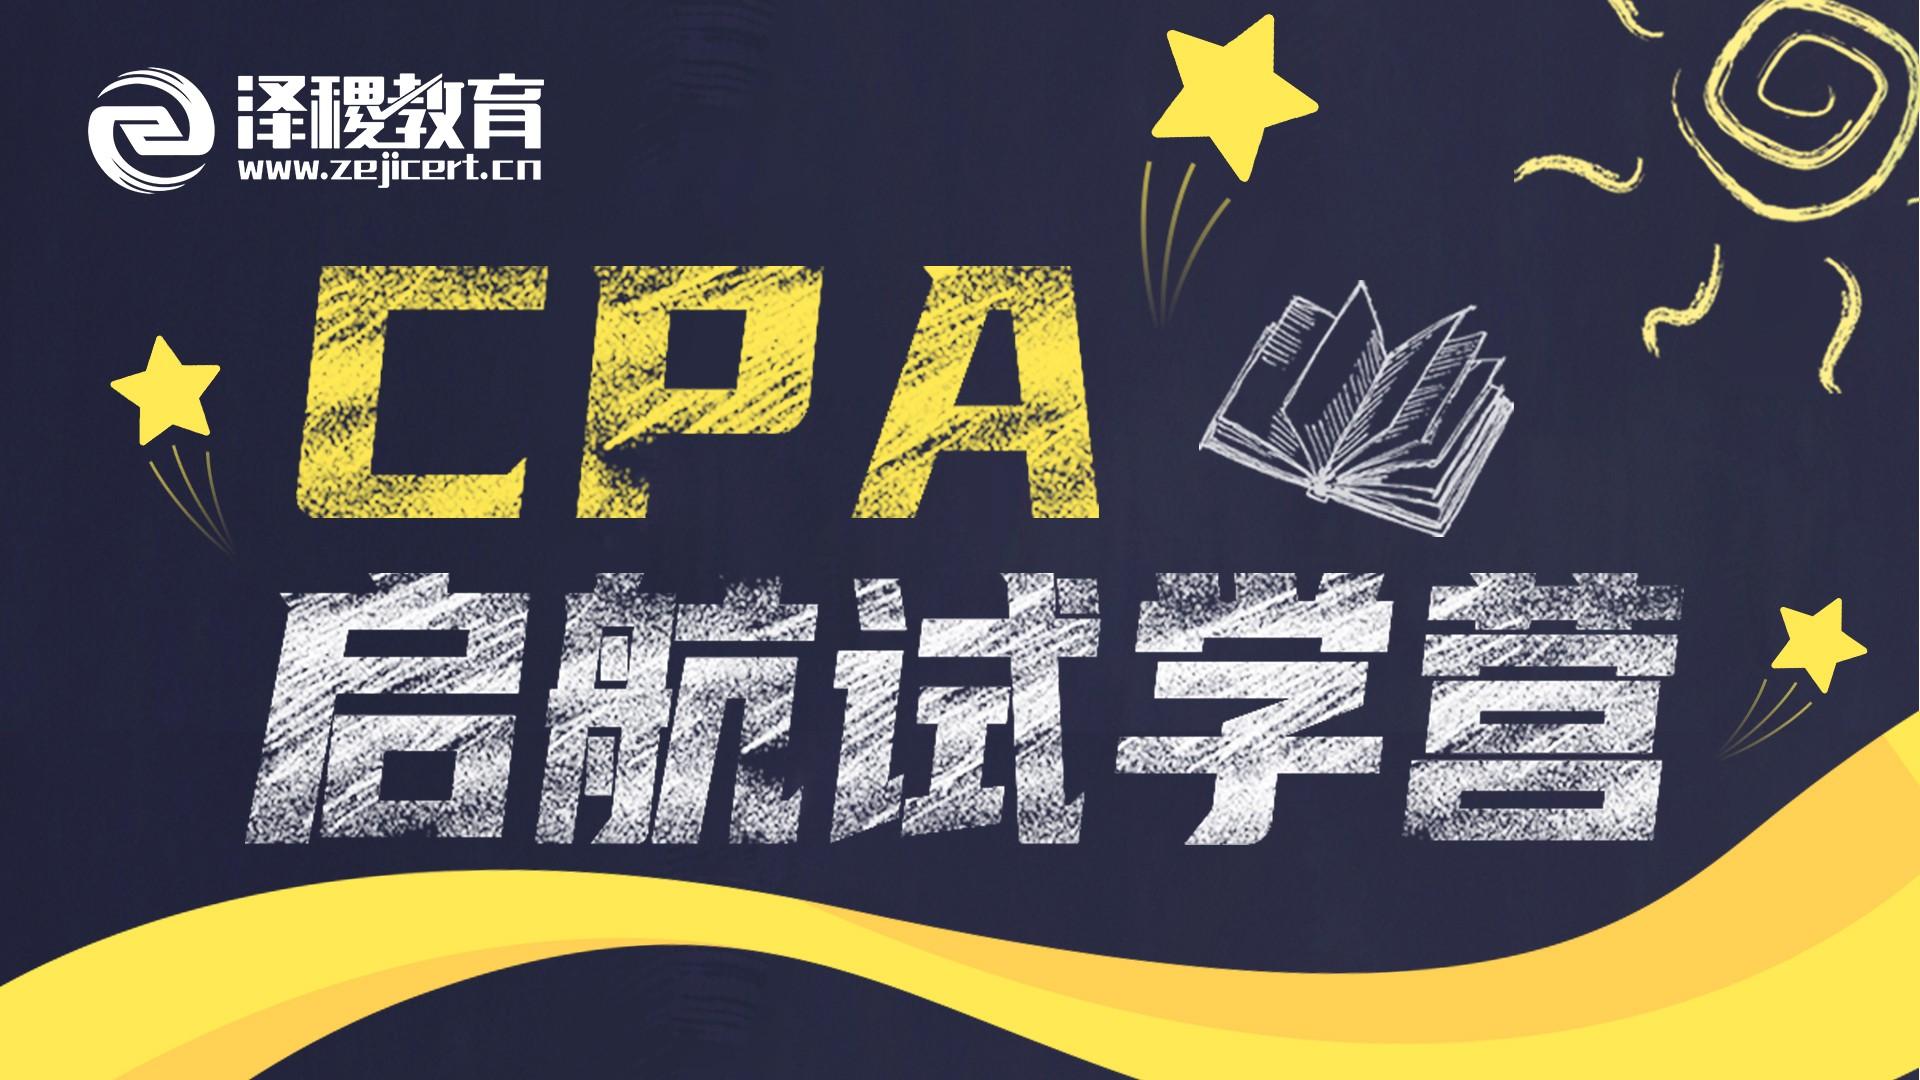 CPA启航试学营